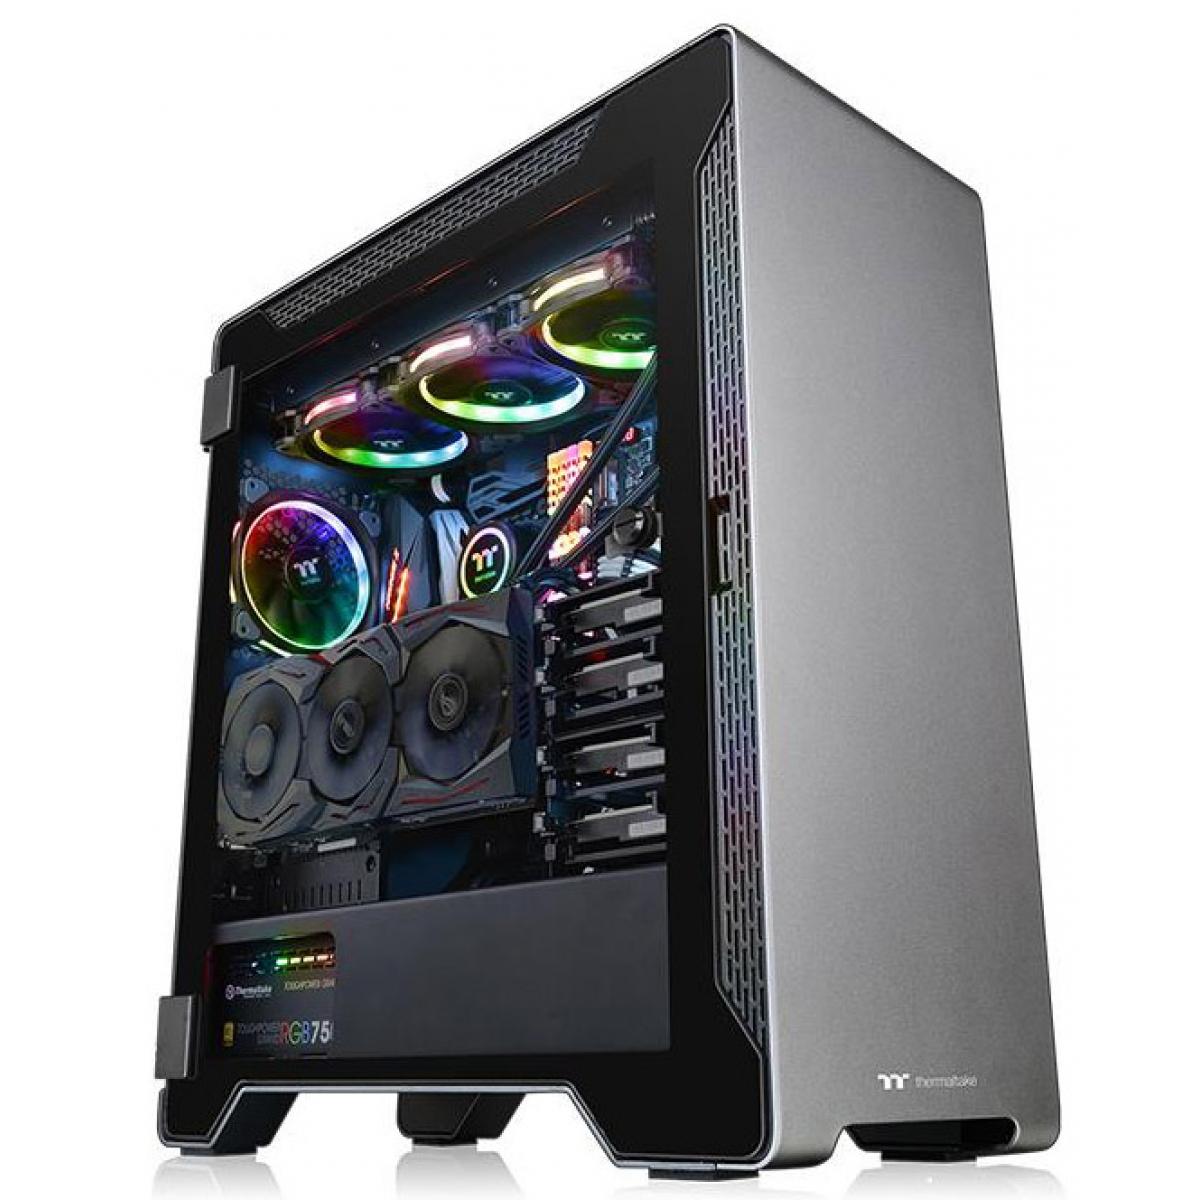 Gabinete Gamer Thermaltake A500 Aluminm TG, Mid Tower, Com 3 Fans, Vidro Temperado, S-Fonte, CA-1L3-00M9WN-00